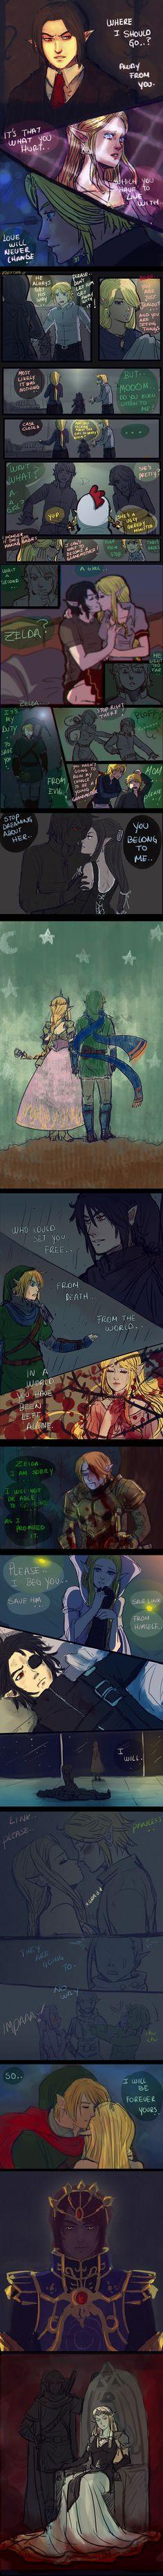 +(- The legend of Zelda doodles [10] -)+ by AngelJasiel